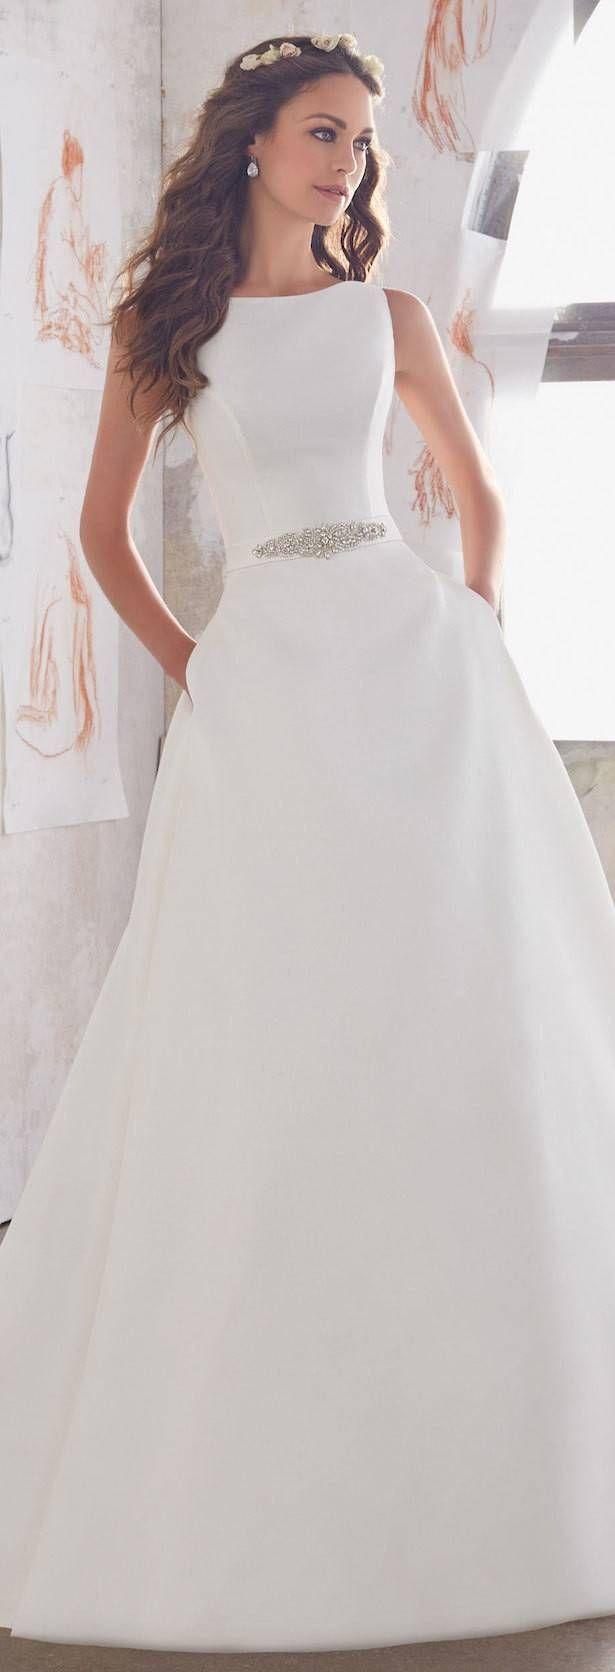 สวัสดีค่ะ สาว SistaCafe ทุกคน >w<  งานนี้เรามารับชมคอลเลคชั่นชุดแต่งงานแสนสวยจาก Mori Lee กันหน่อยดีกว่า สำหรับสาวคนไหนที่ถึงช่วยวัยแต่งงาน และมีเจ้าบ่าวแล้ว ก็จะได้ถือว่าเป็นการมองหาไอเดียสำหรับชุดที่จะเอาไปใช้จริงในงานแต่งของตัวเองได้ ส่วนใครที่ยังไม่ถึงวัย ก็ถือว่ามาชมความงดงามของชุดไปเล่นๆ ก่อนก